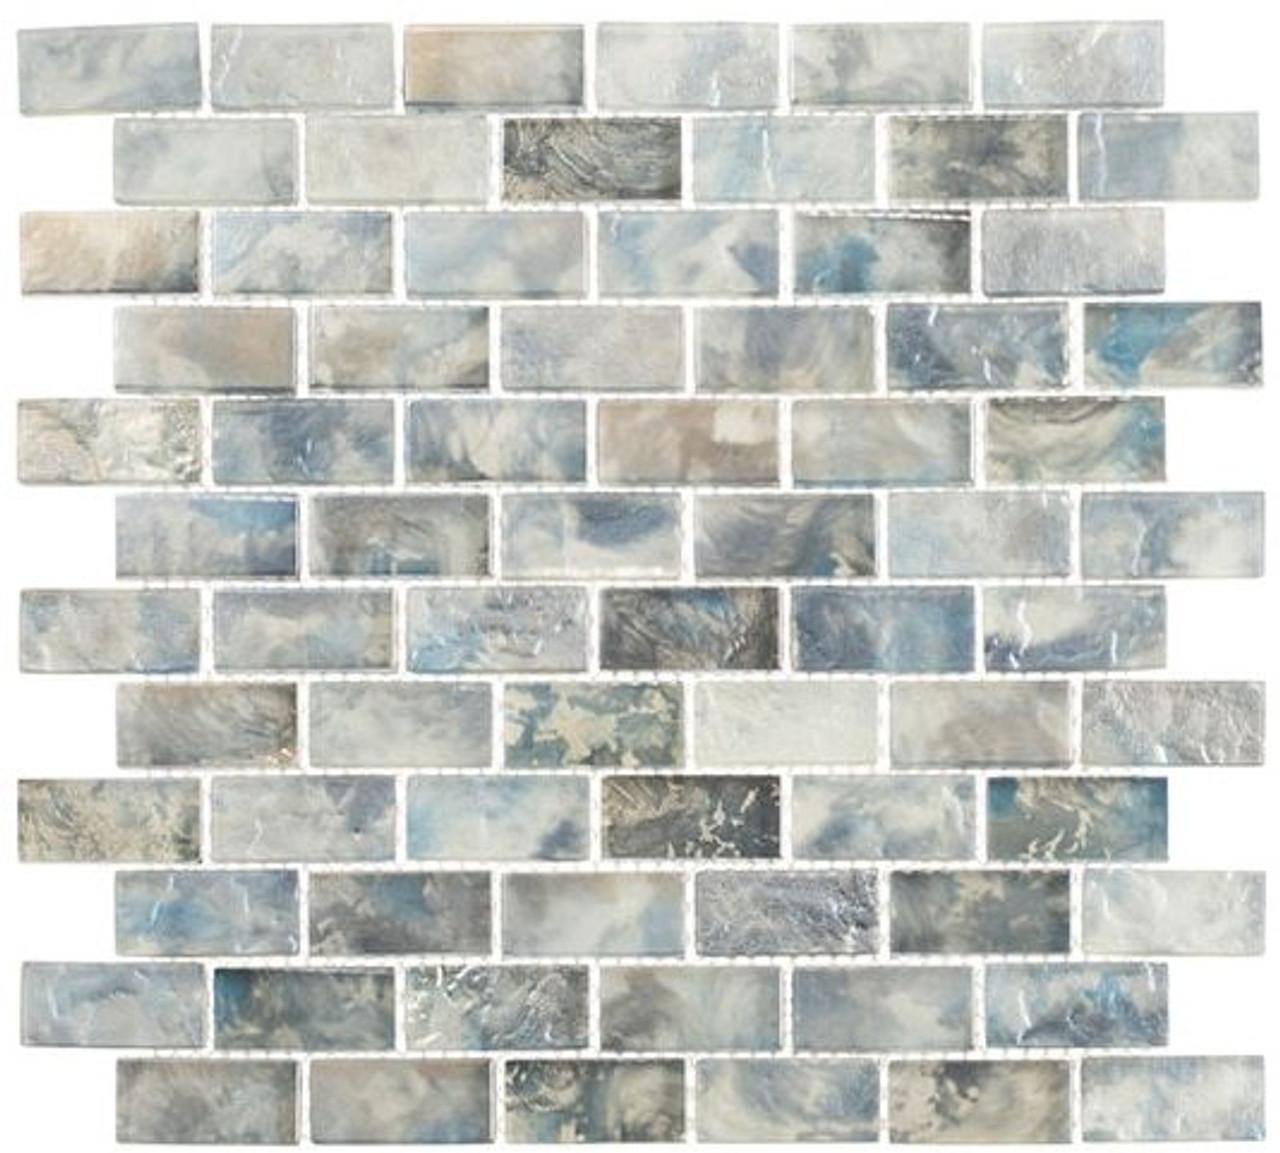 Bella Glass Tiles Mykonos Harbor Series Zeus Landing